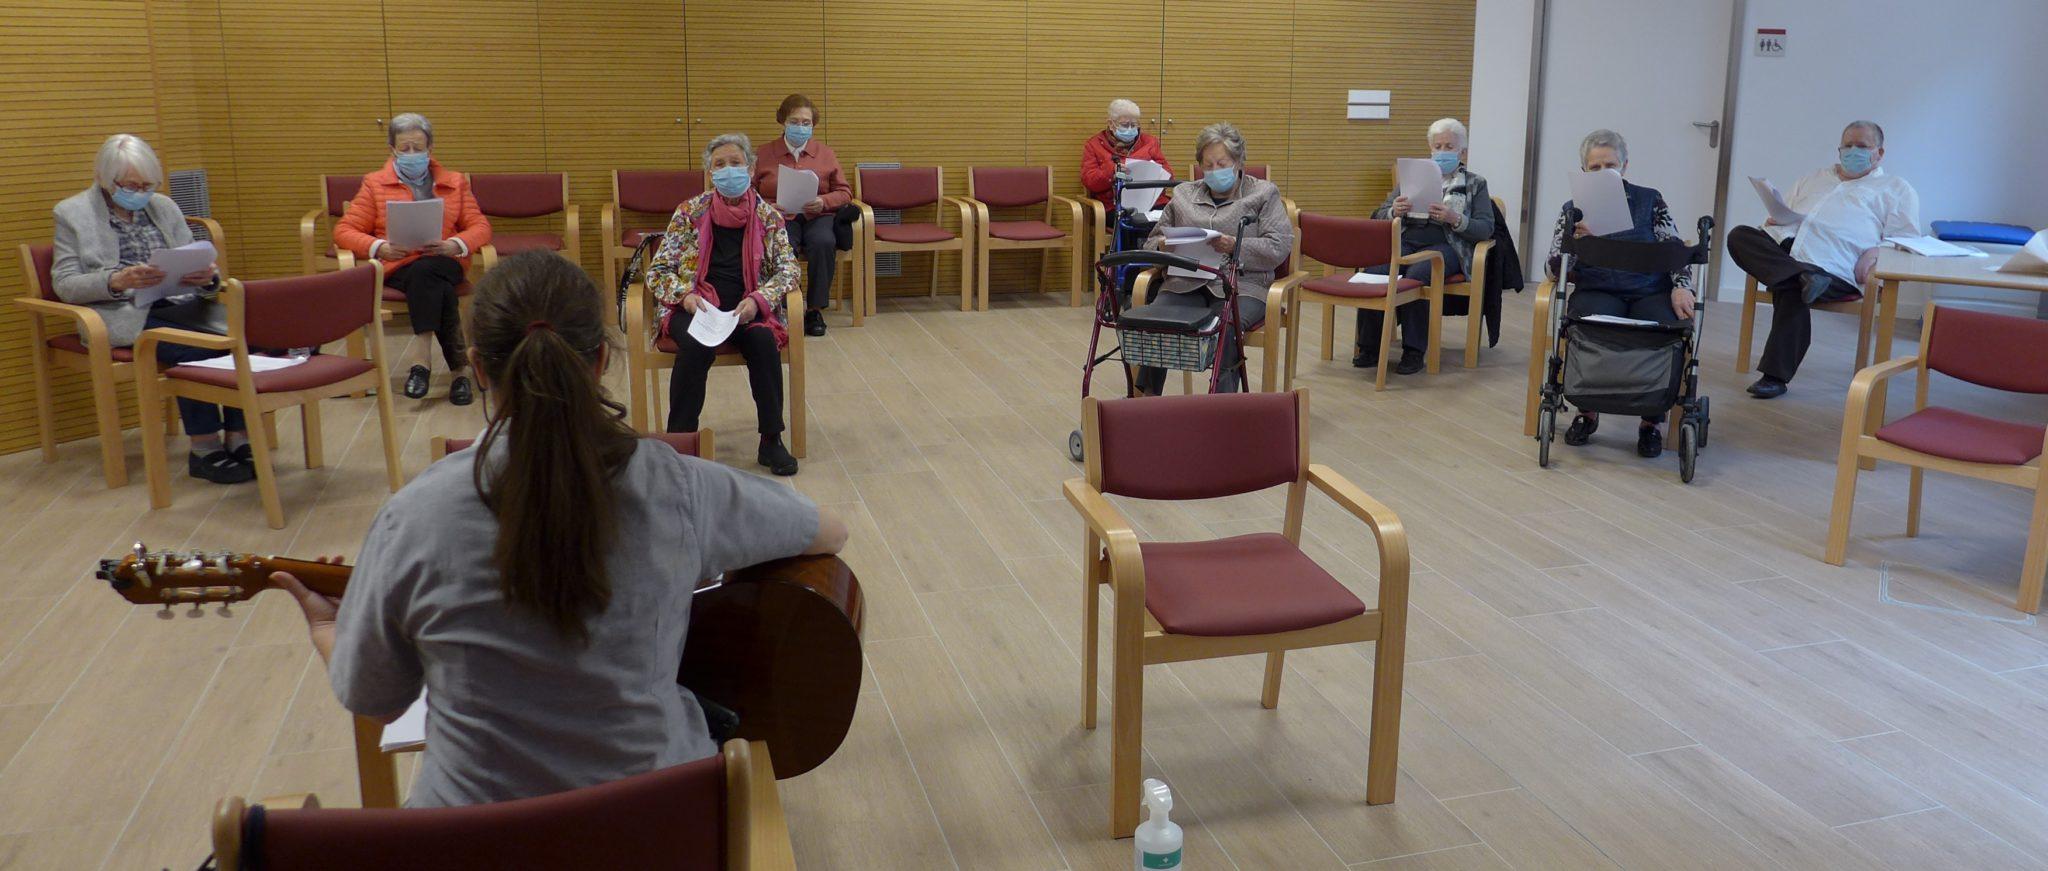 Residentes cantan en una sala de la Casa de Misericordia